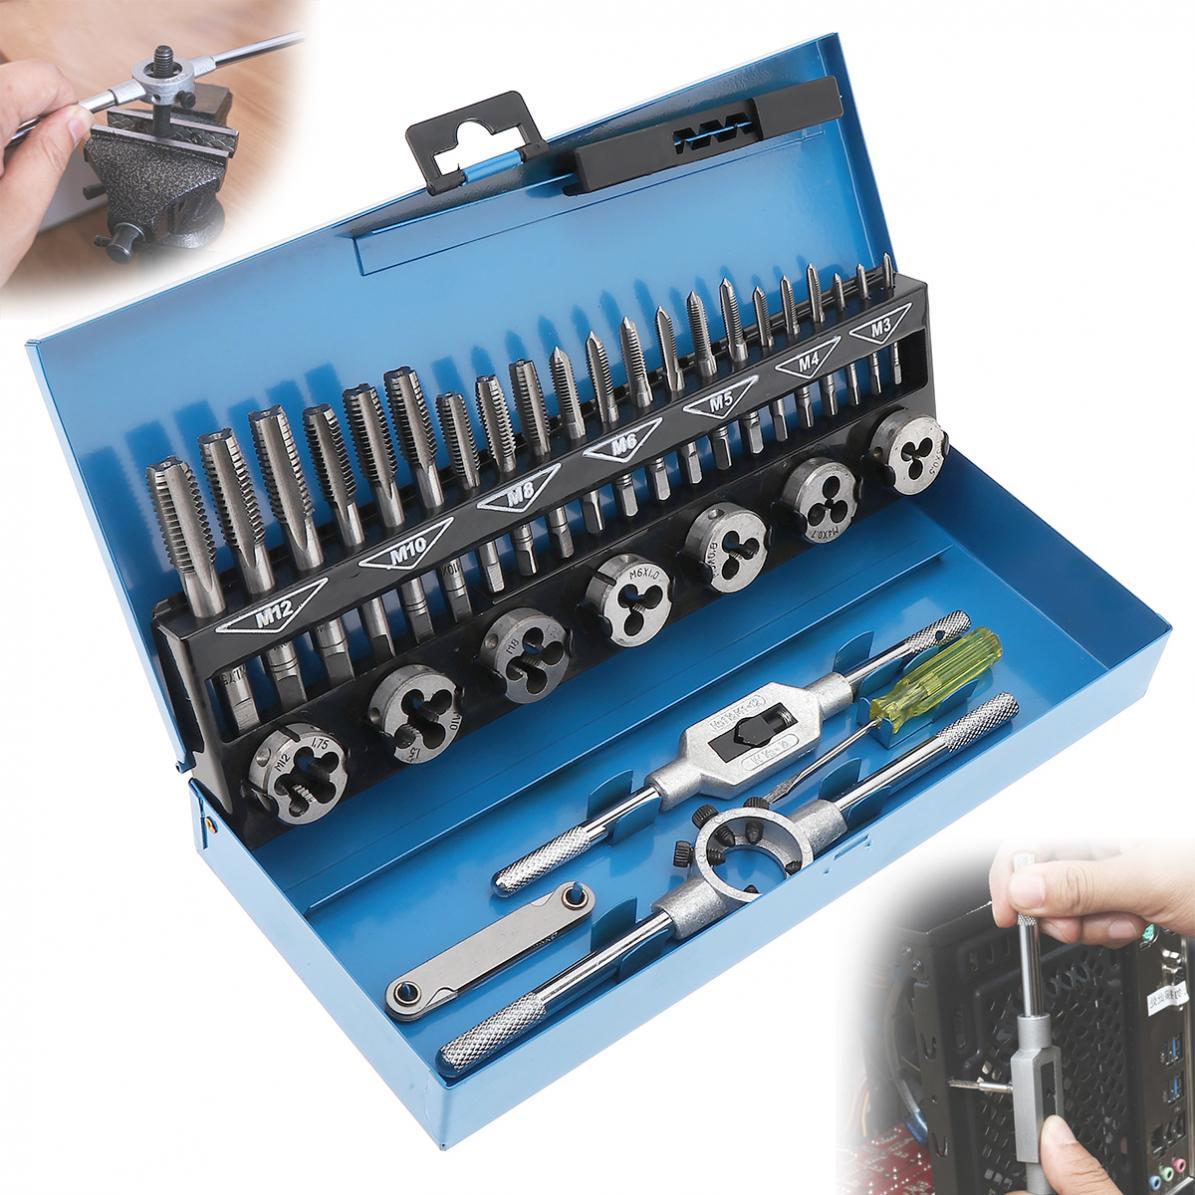 32 pcs/ensemble HSS Métrique Tap & Die Set M3-M12 1st 2nd & Plug Finition pour la Métallurgie Main tool set combinaison outils